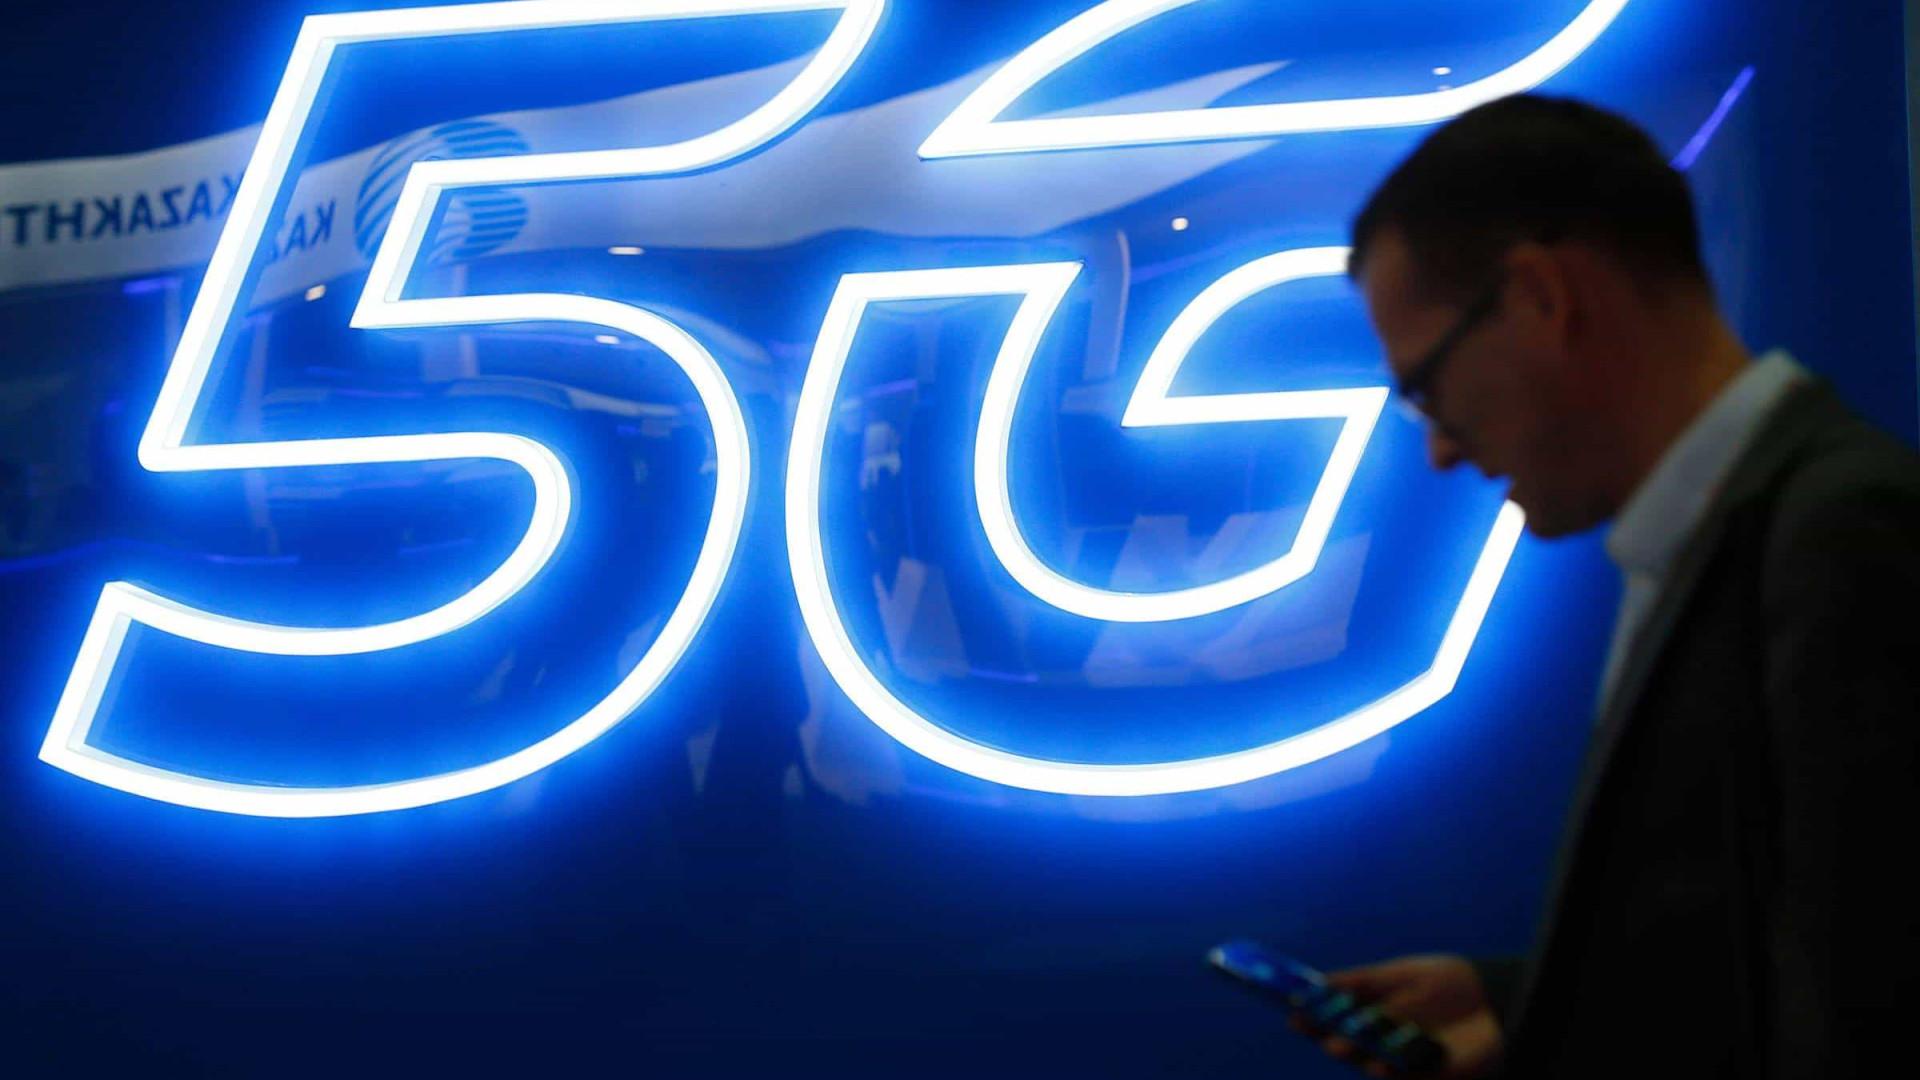 País ainda está analisando e estudando questão do 5G, diz Guedes